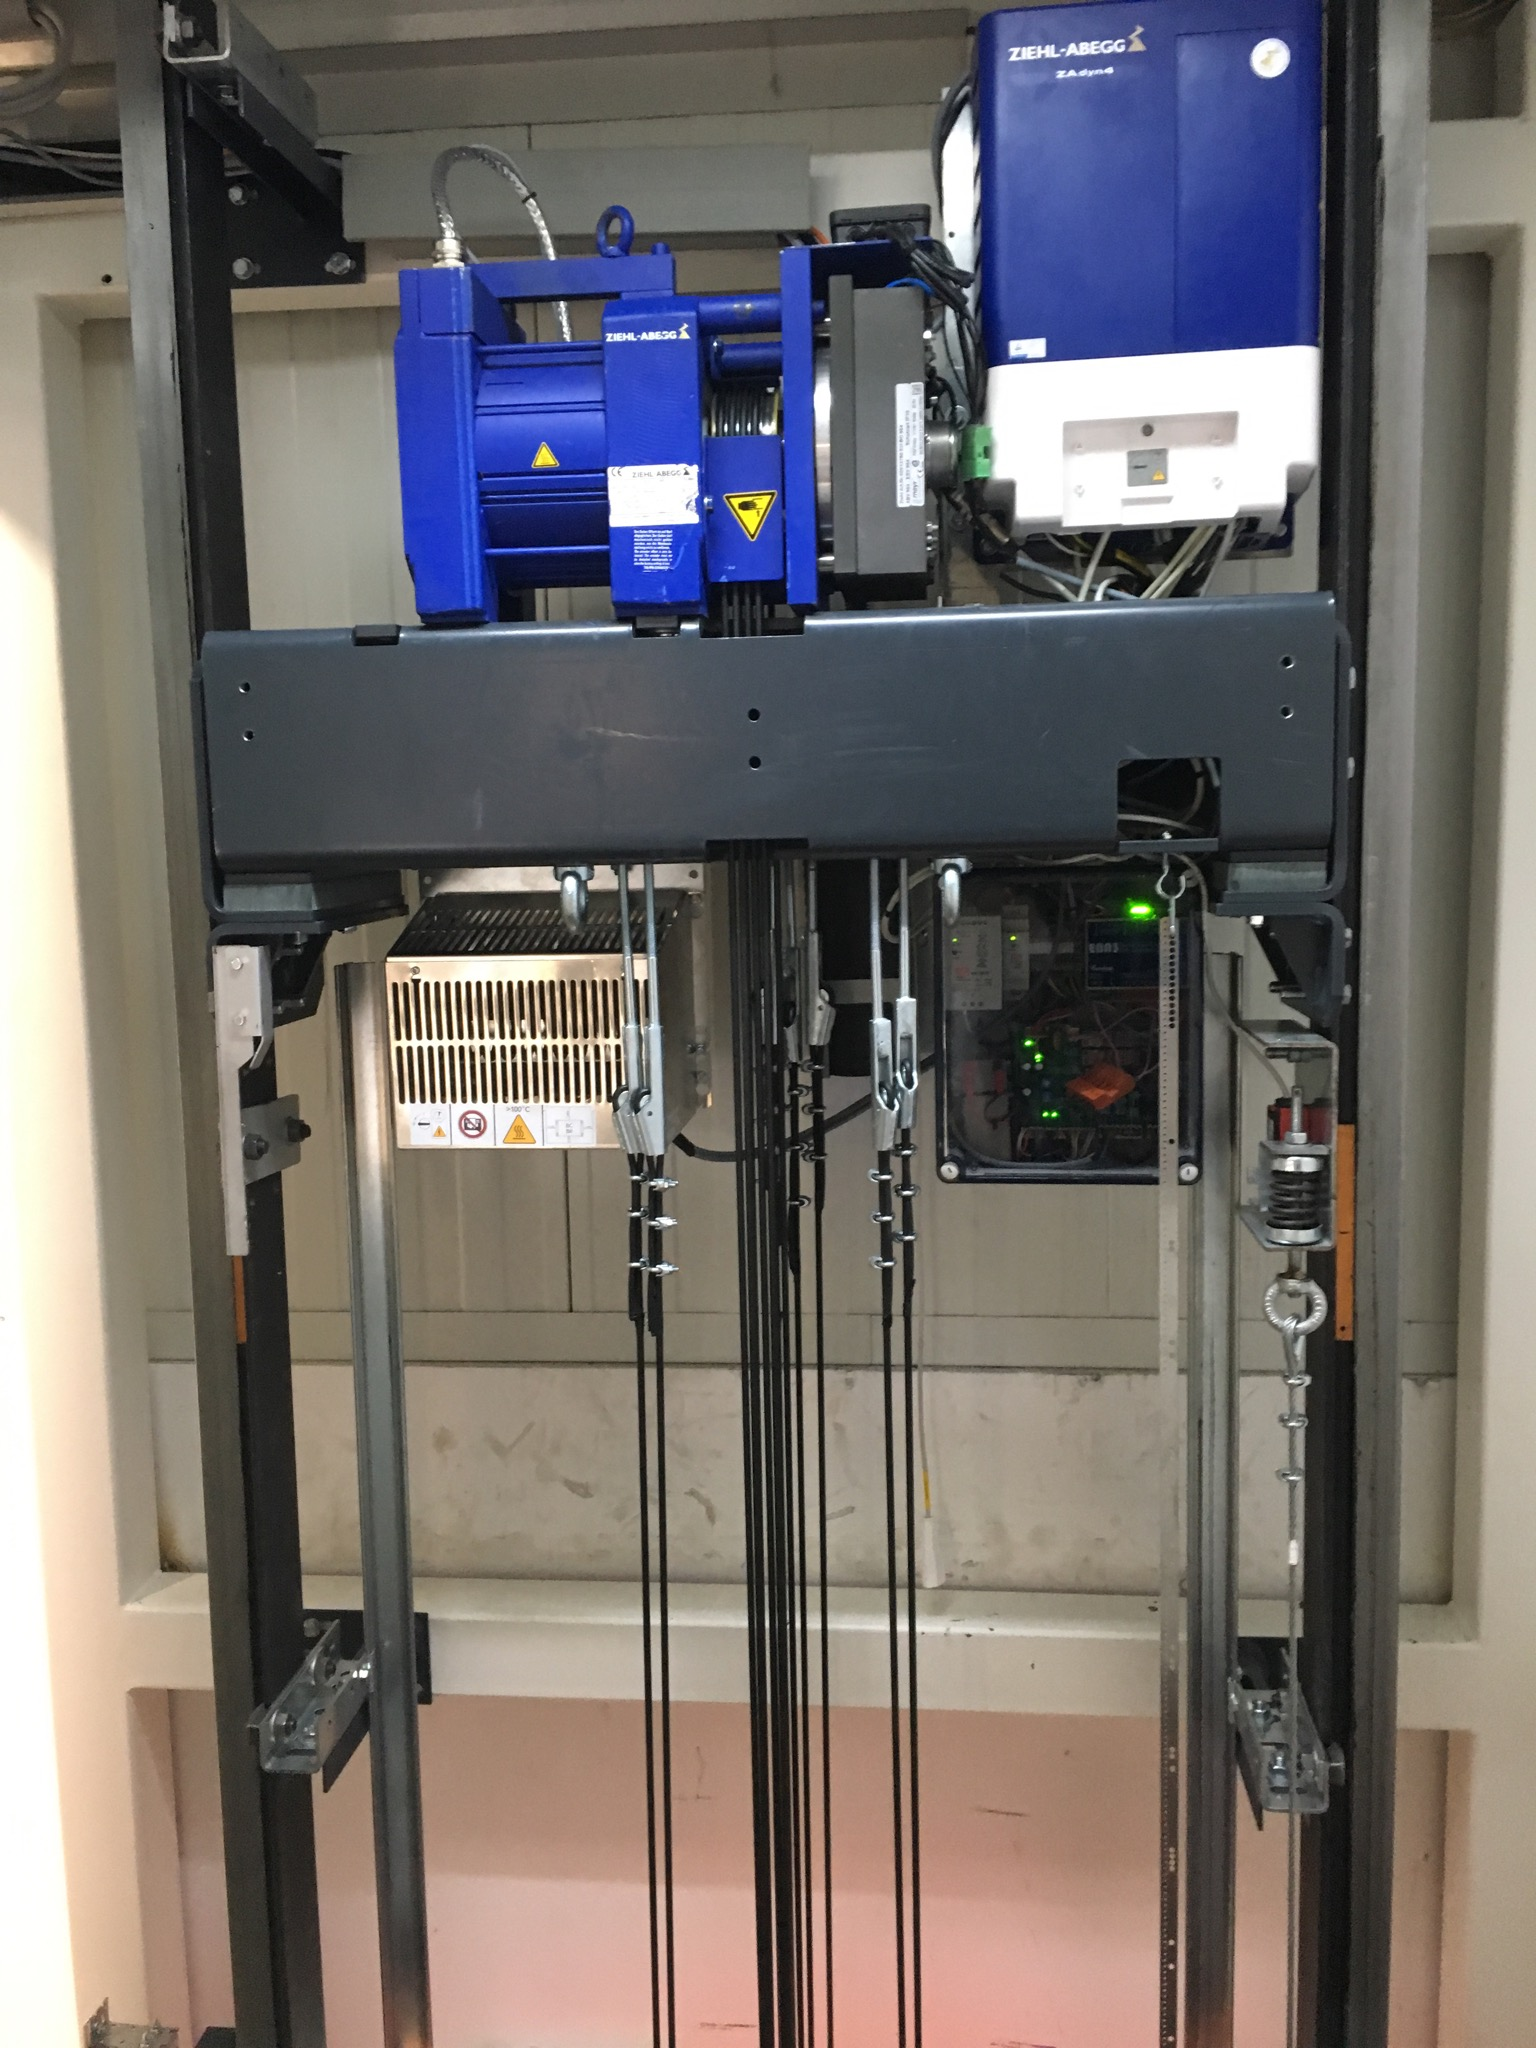 Aufzugsarten / Konstruktion – Der Aufzug / Fahrstuhl / Lift